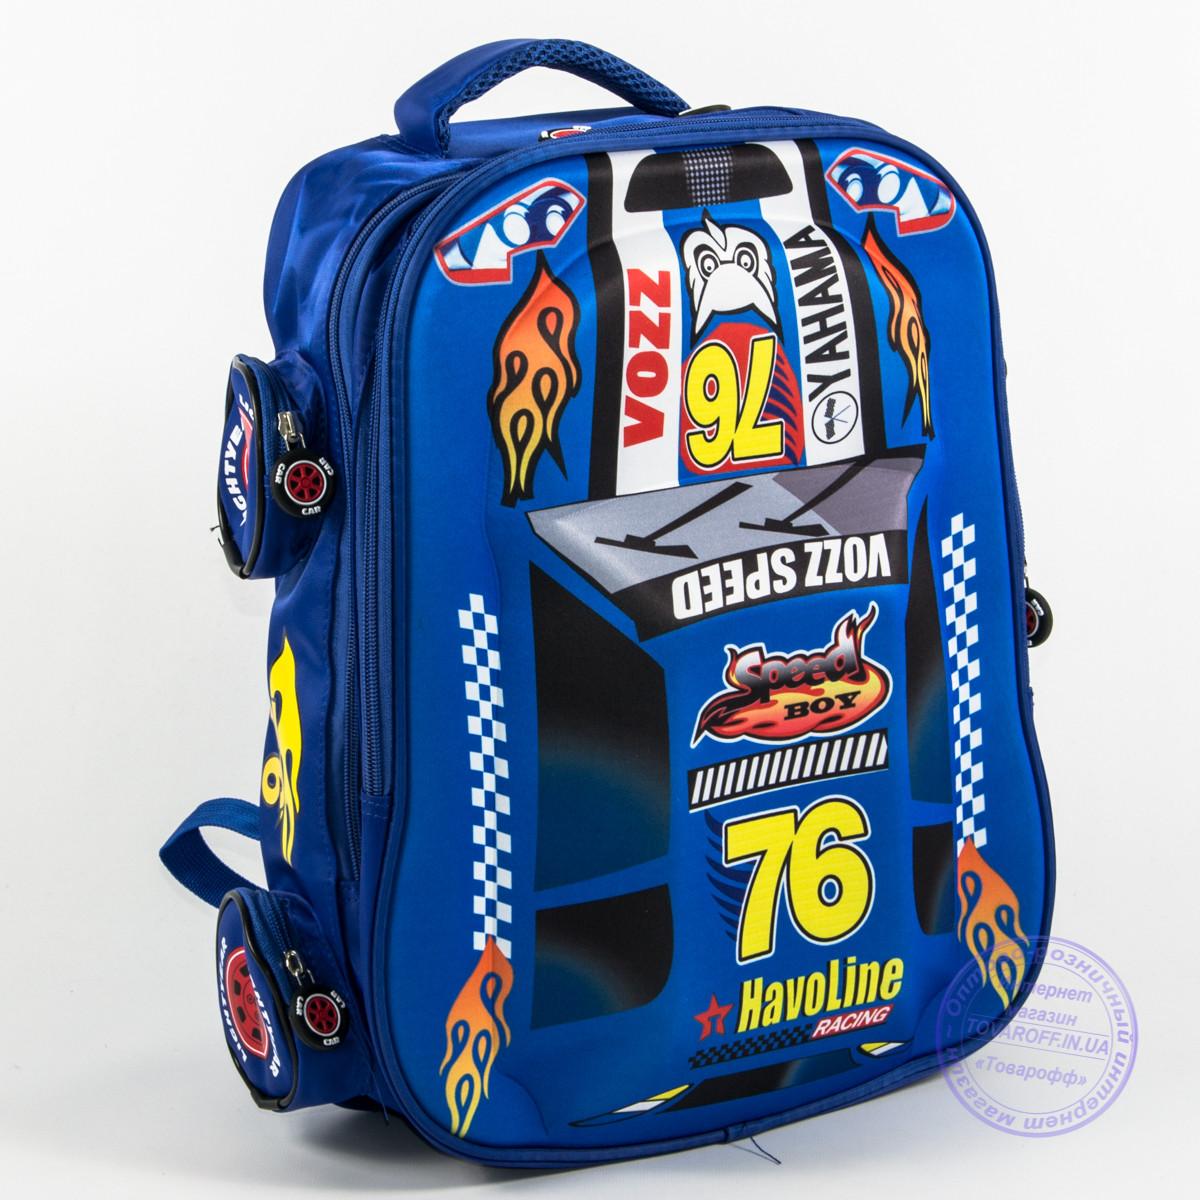 259fa1be3fc2 Школьный рюкзак для мальчика 3D машина - синий - 127 - Интернет магазин  Товарофф в Хмельницком